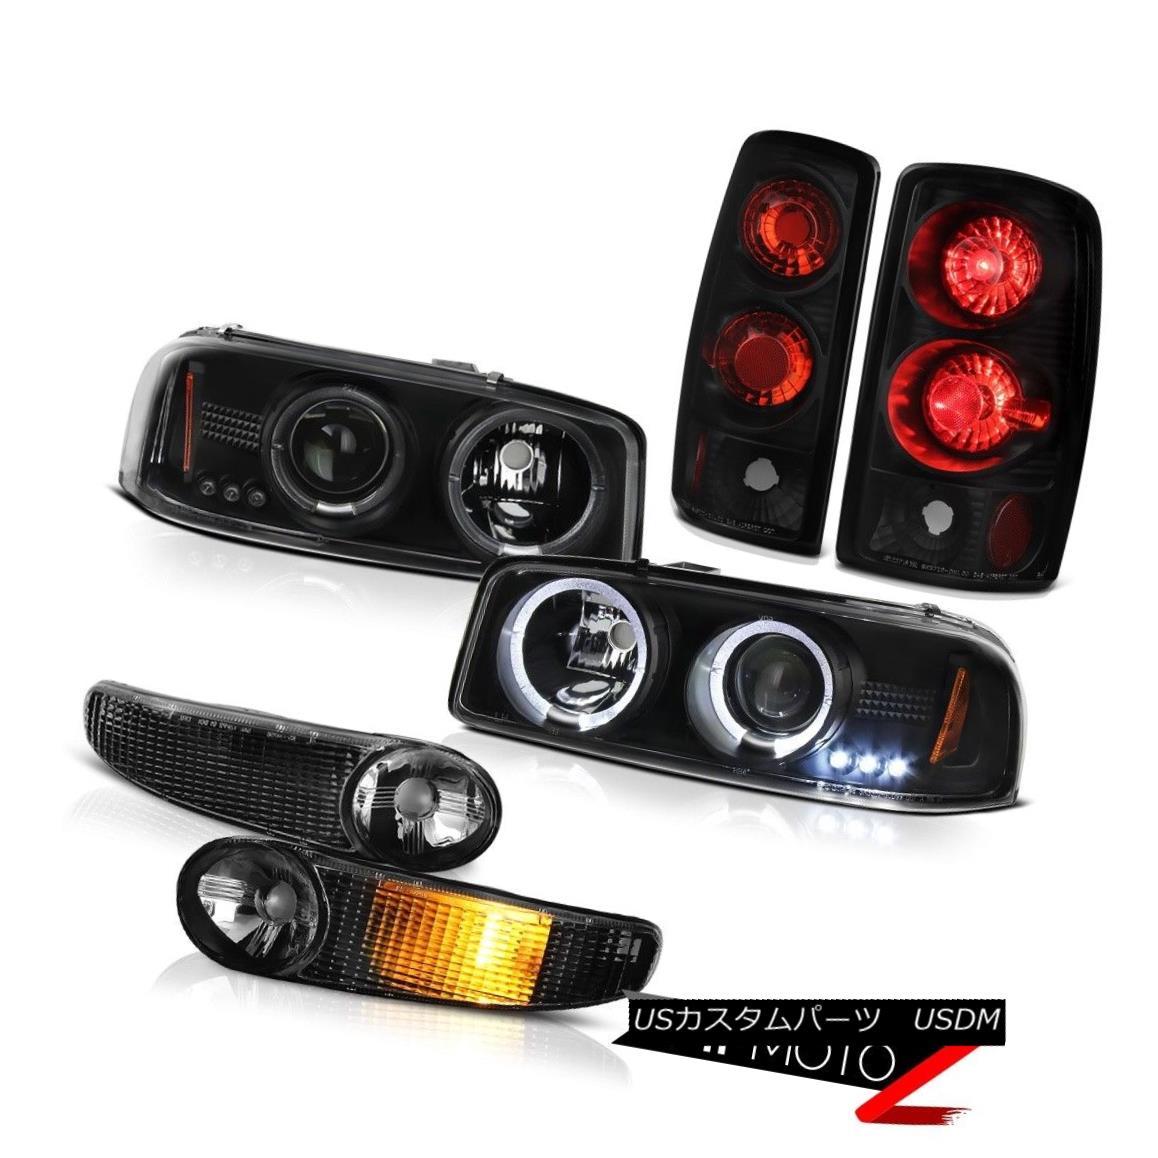 ヘッドライト Halo LED Projector Headlight Denali Bumper Signal Tail Lamp 01 02 03 04 05 Yukon Halo LEDプロジェクターヘッドライトDenaliバンパー信号テールランプ01 02 03 04 05ユーコン